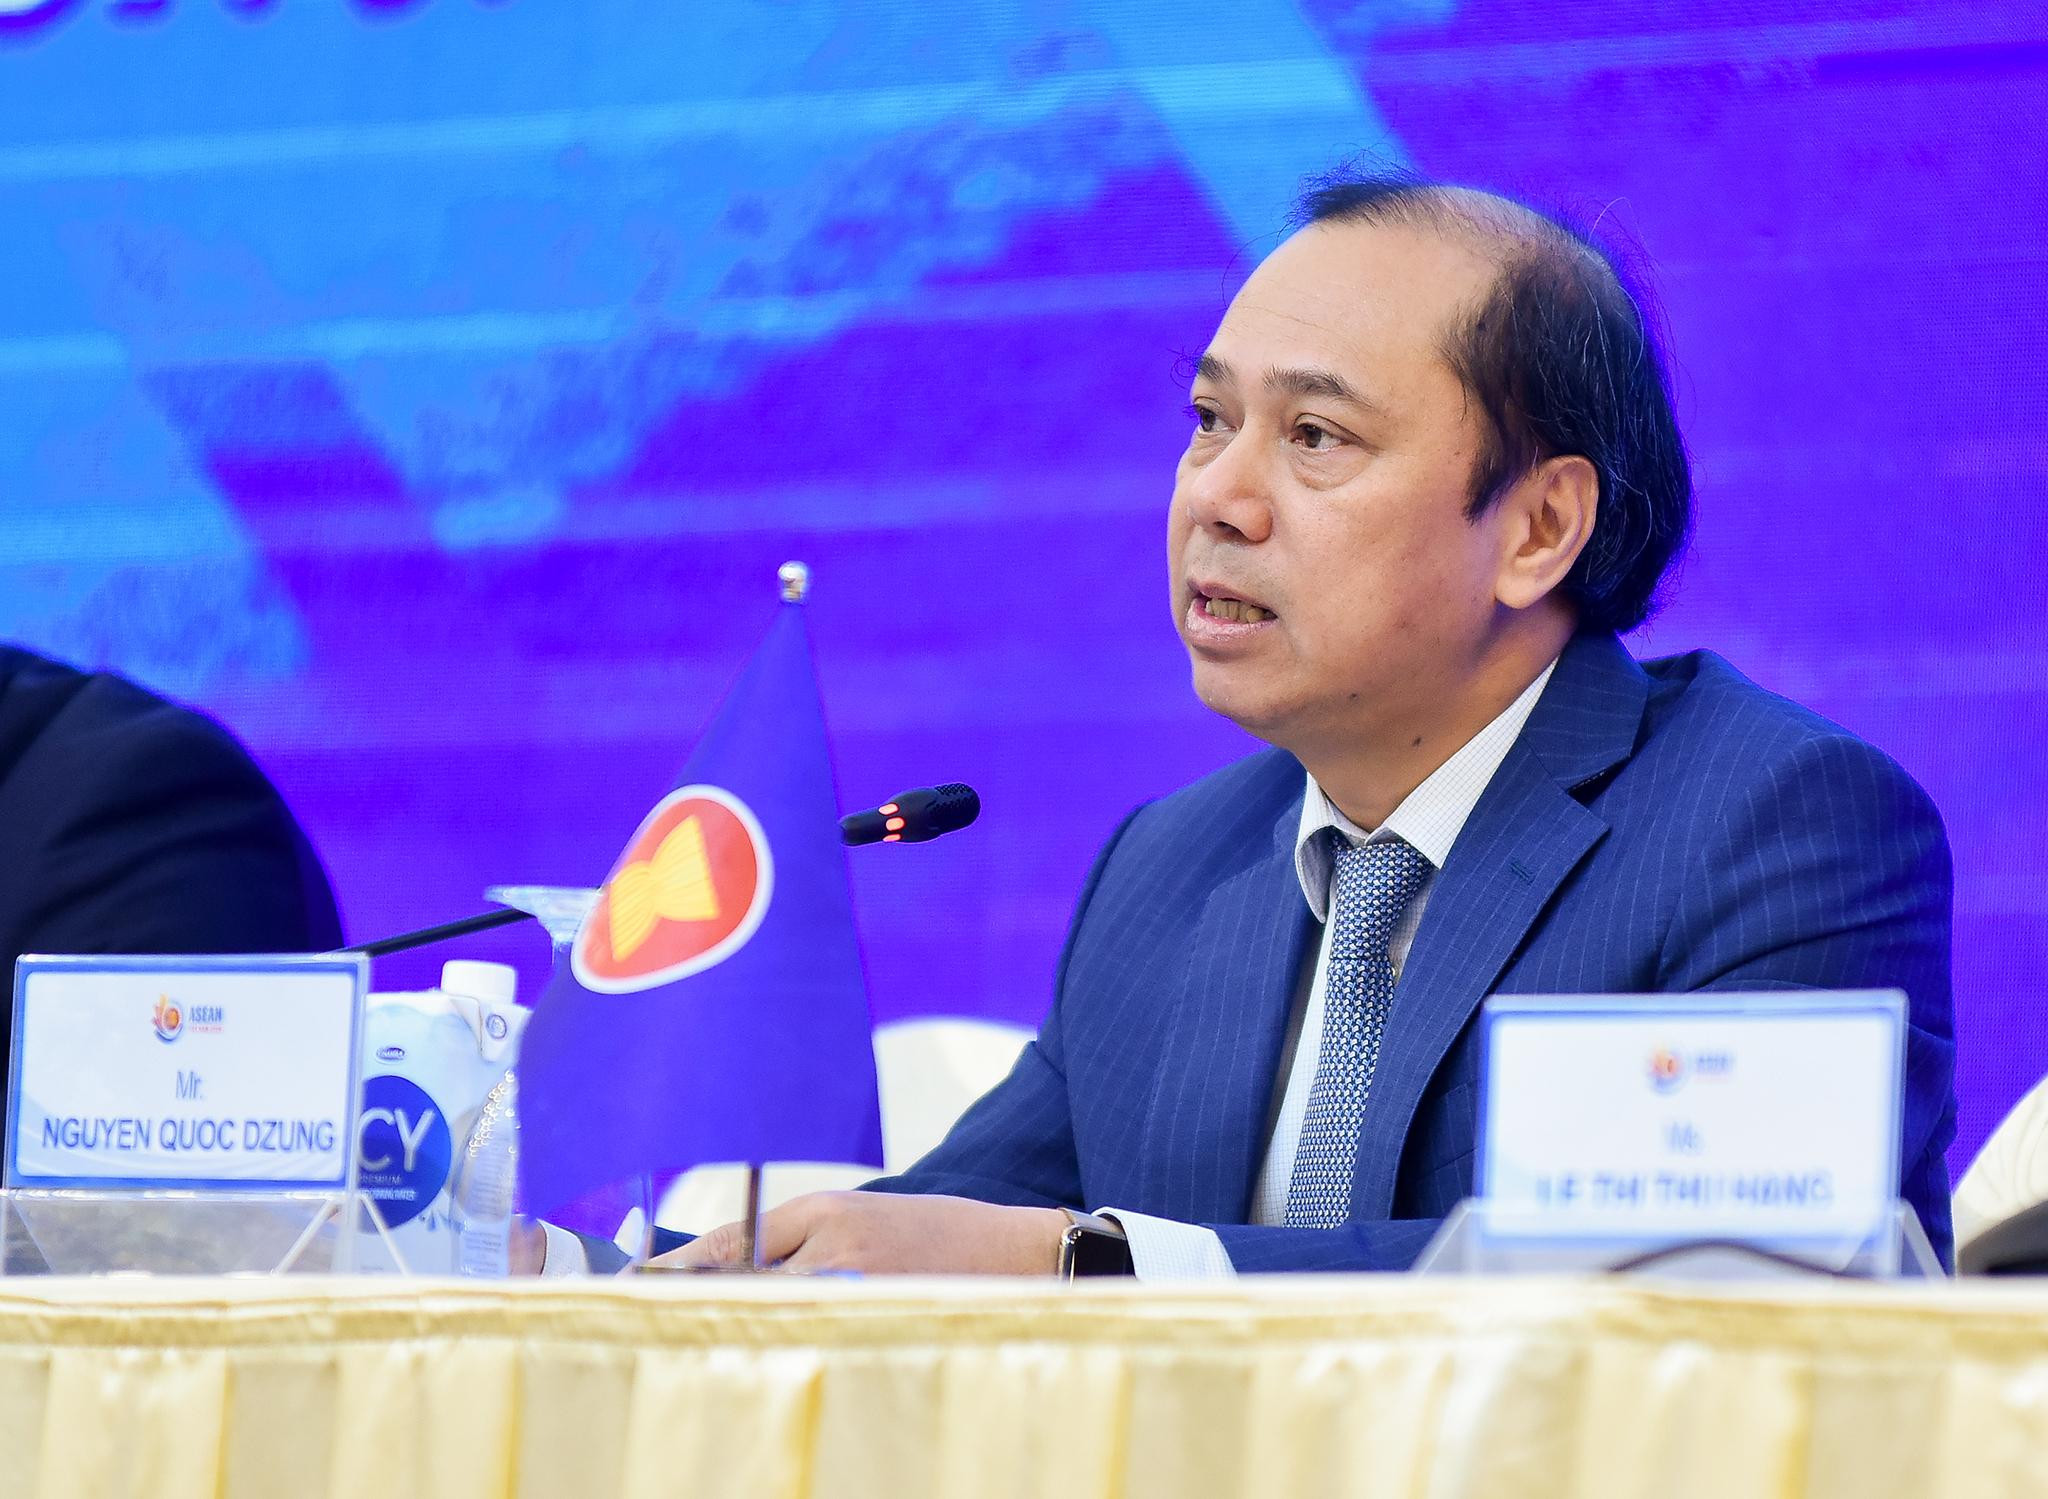 Tổng Bí thư, Chủ tịch nước sẽ dự khai mạc hội nghị cấp cao ASEAN 37